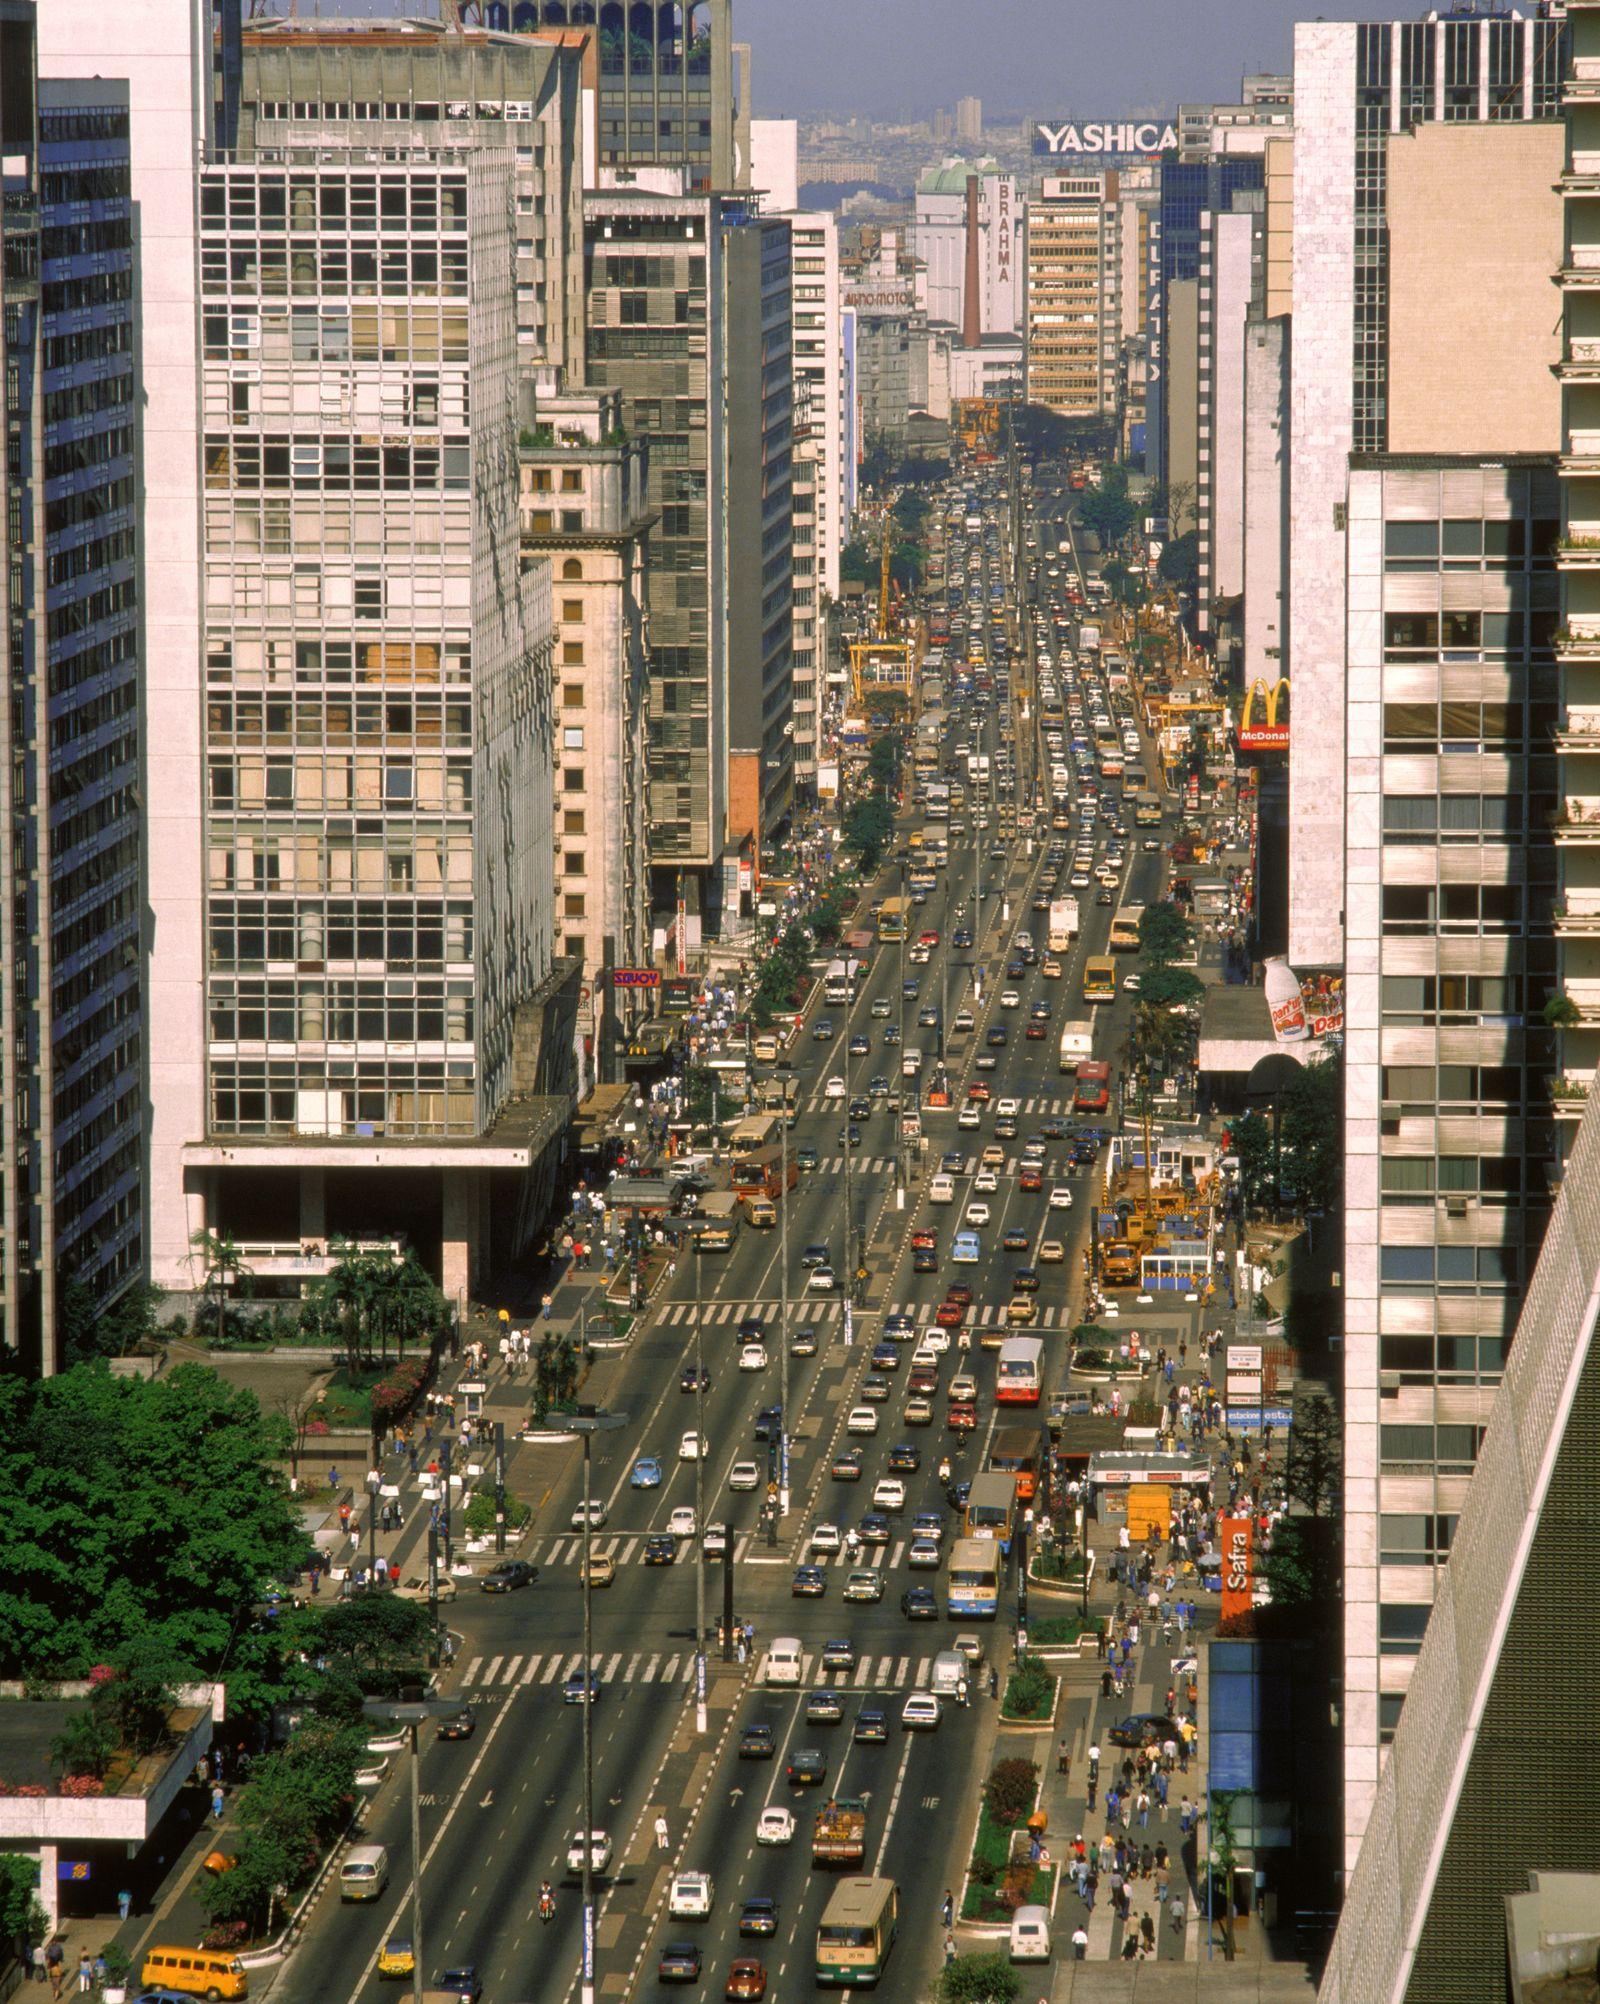 NICHT MEHR VERWENDEN! - Brasilien / Sao Paolo / Autos / Häuser / Verkehr